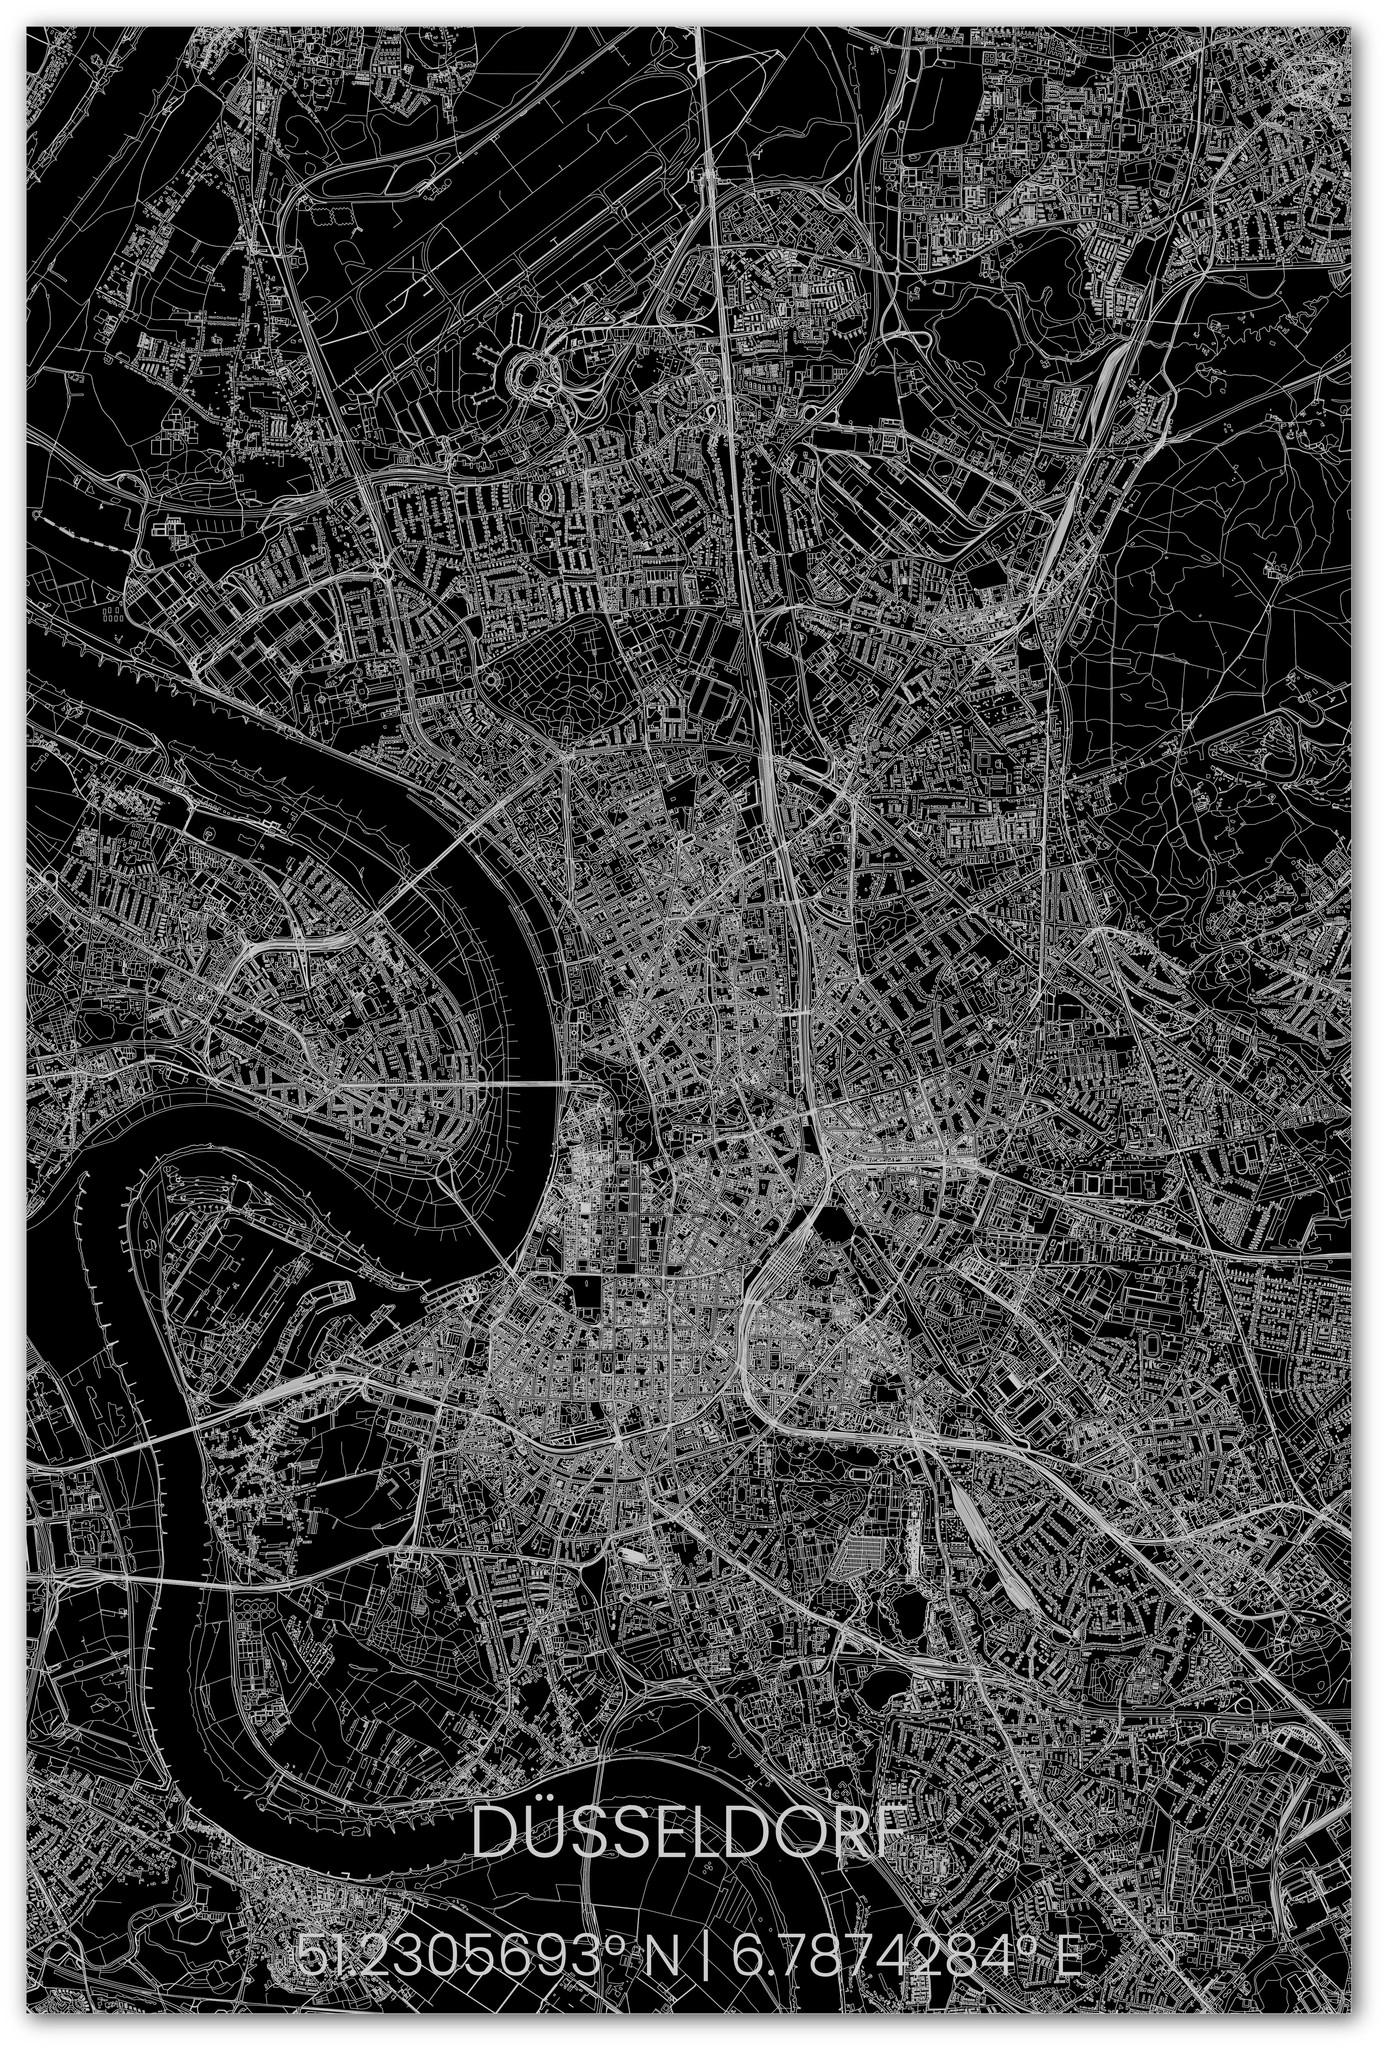 Stadsplattegrond Düsseldorf XL-2